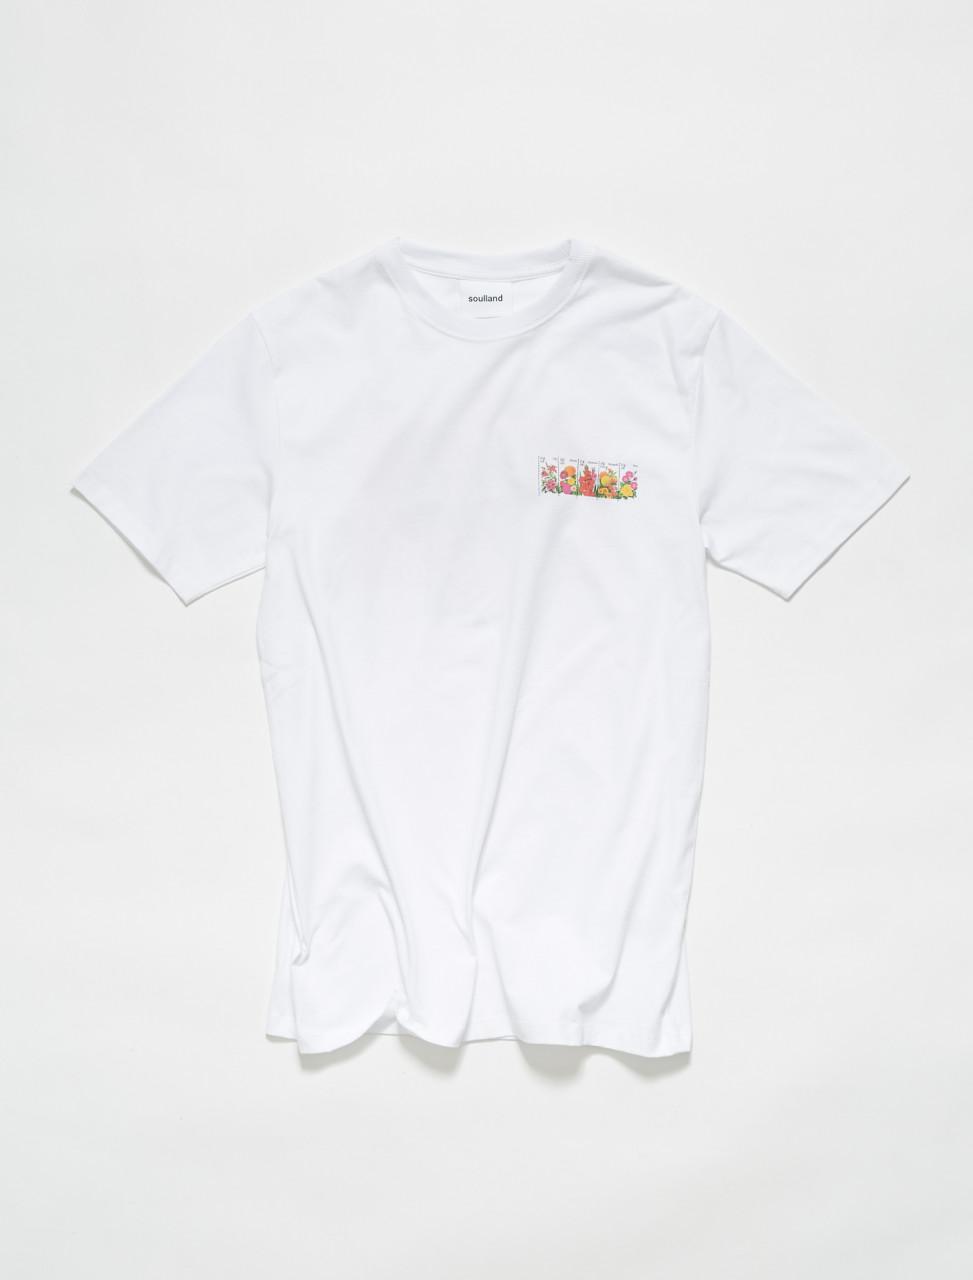 159-1000-W SOULLAND BODEGA ROSE ROSSELL T SHIRT WHITE